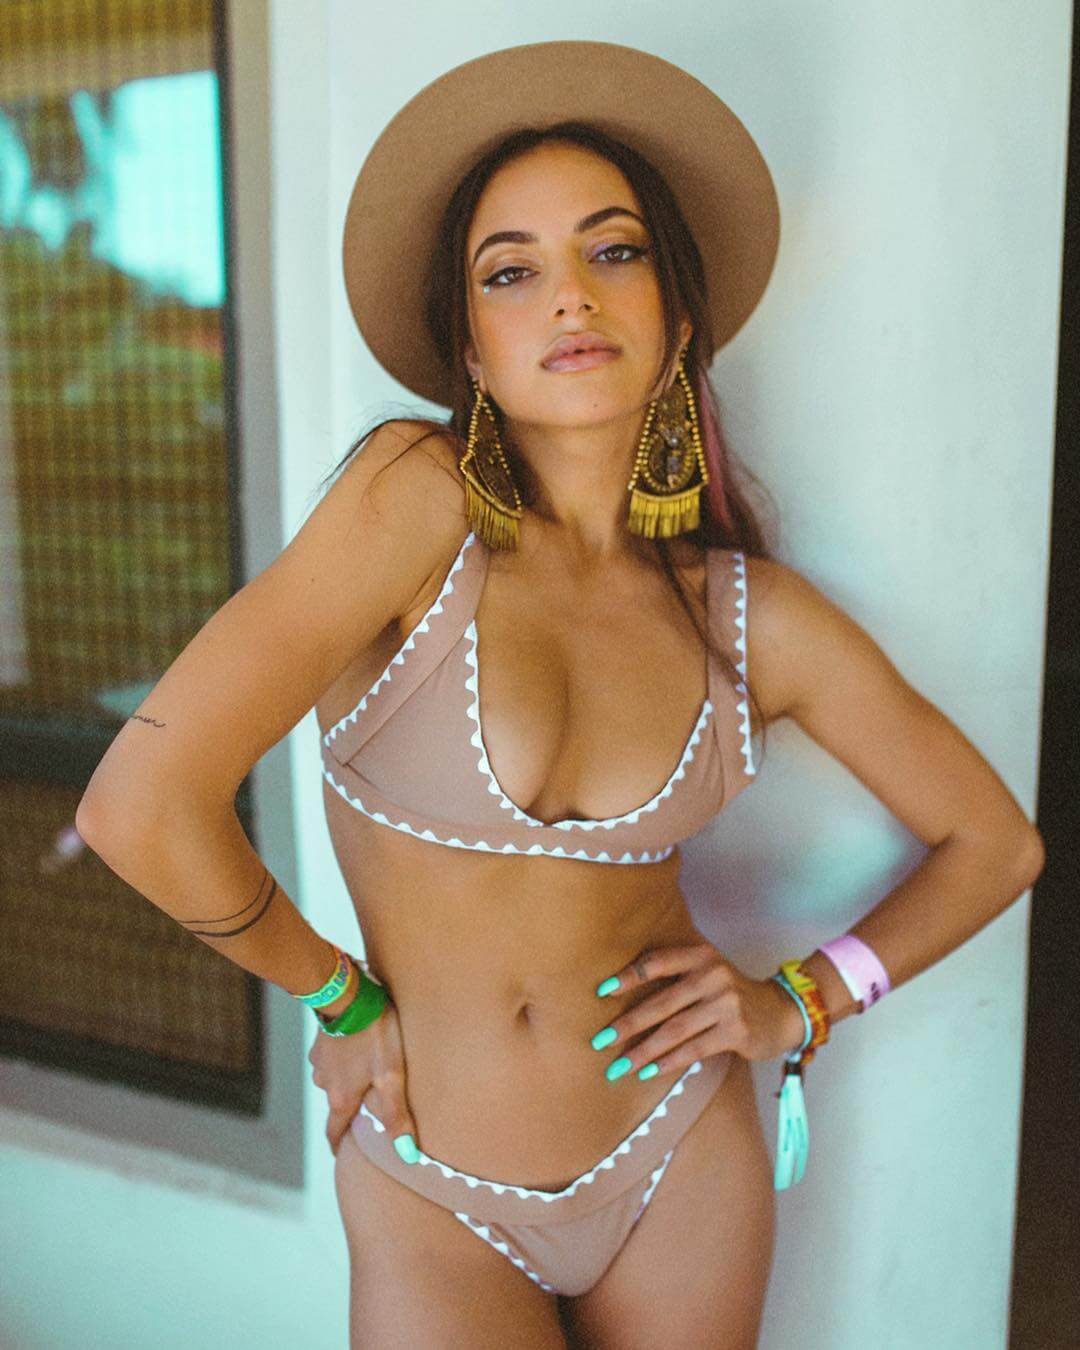 Inanna Sarkis sexy bikini pics